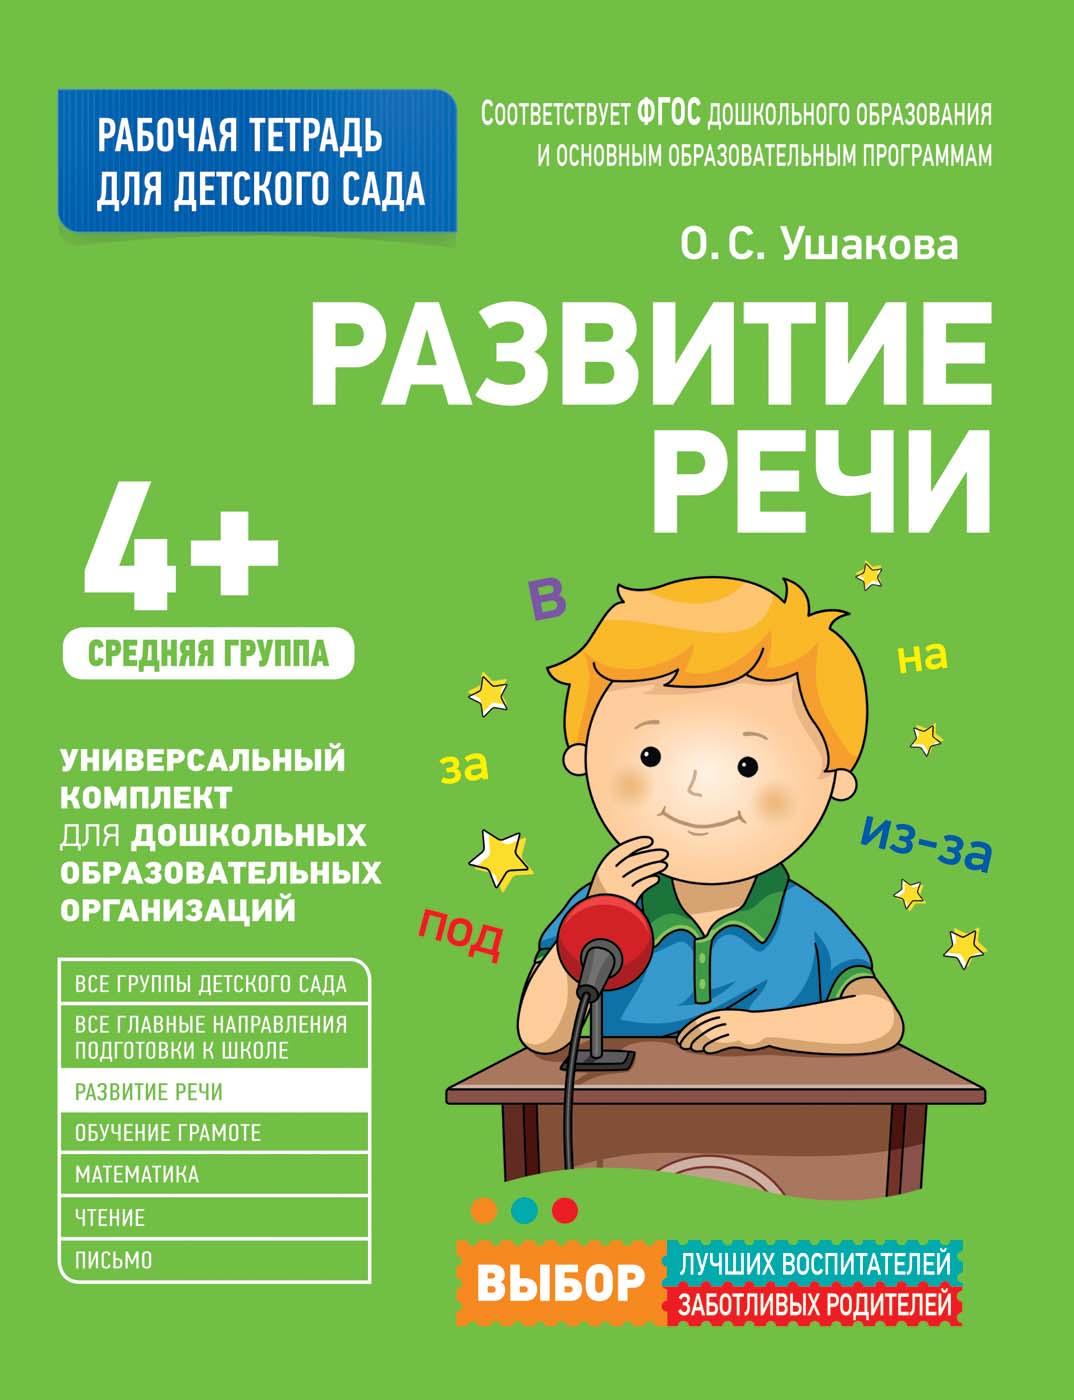 Рабочая тетрадь для детского сада - Развитие речи, средняя группаРазвитие Речи. Говорим правильно<br>Рабочая тетрадь для детского сада - Развитие речи, средняя группа<br>